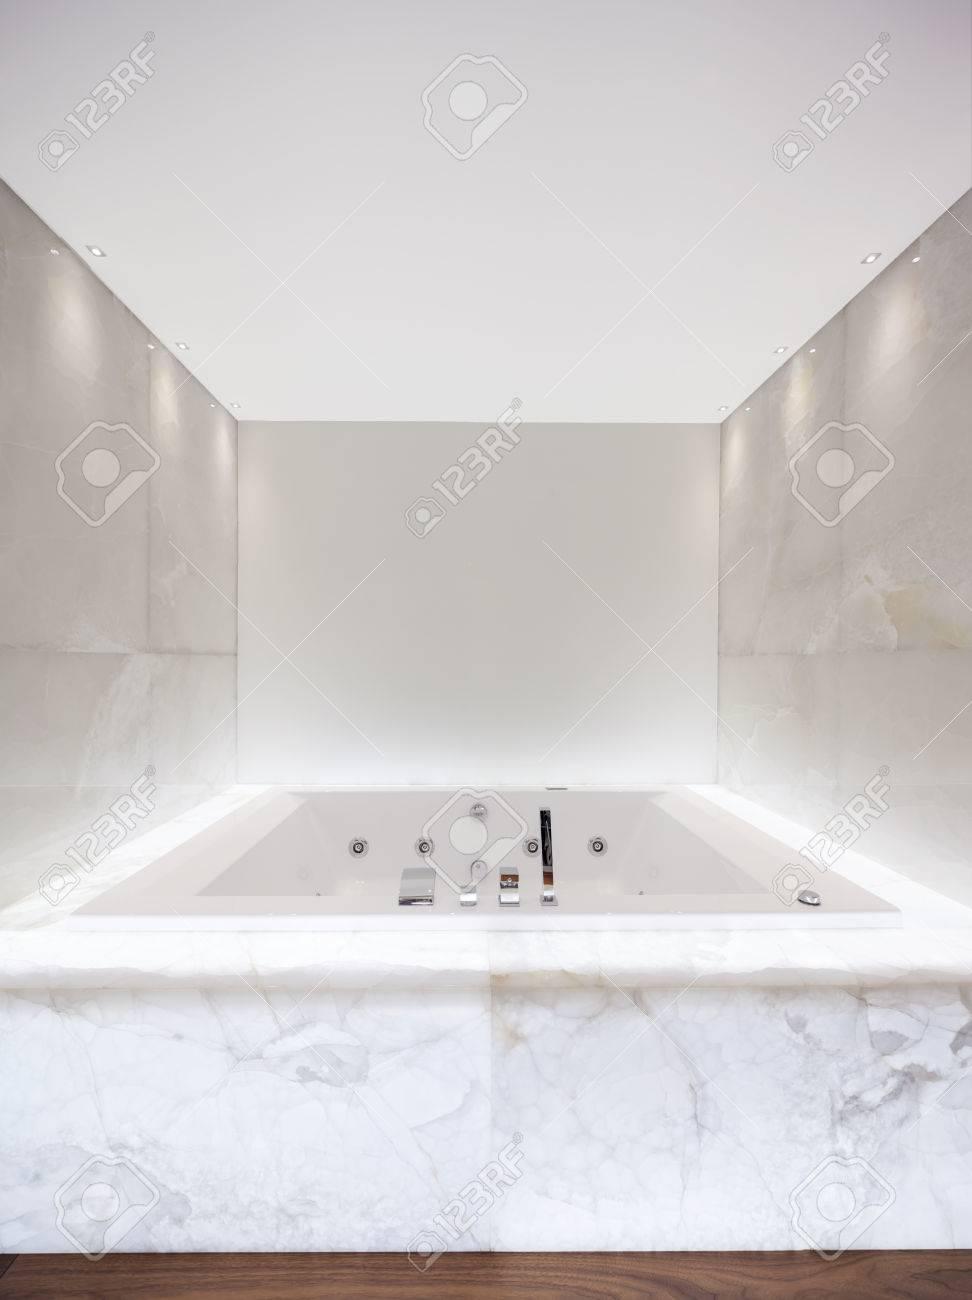 Grosse Badewanne Im Badezimmer Beleuchtete Marmor Lizenzfreie Fotos Bilder Und Stock Fotografie Image 75069063